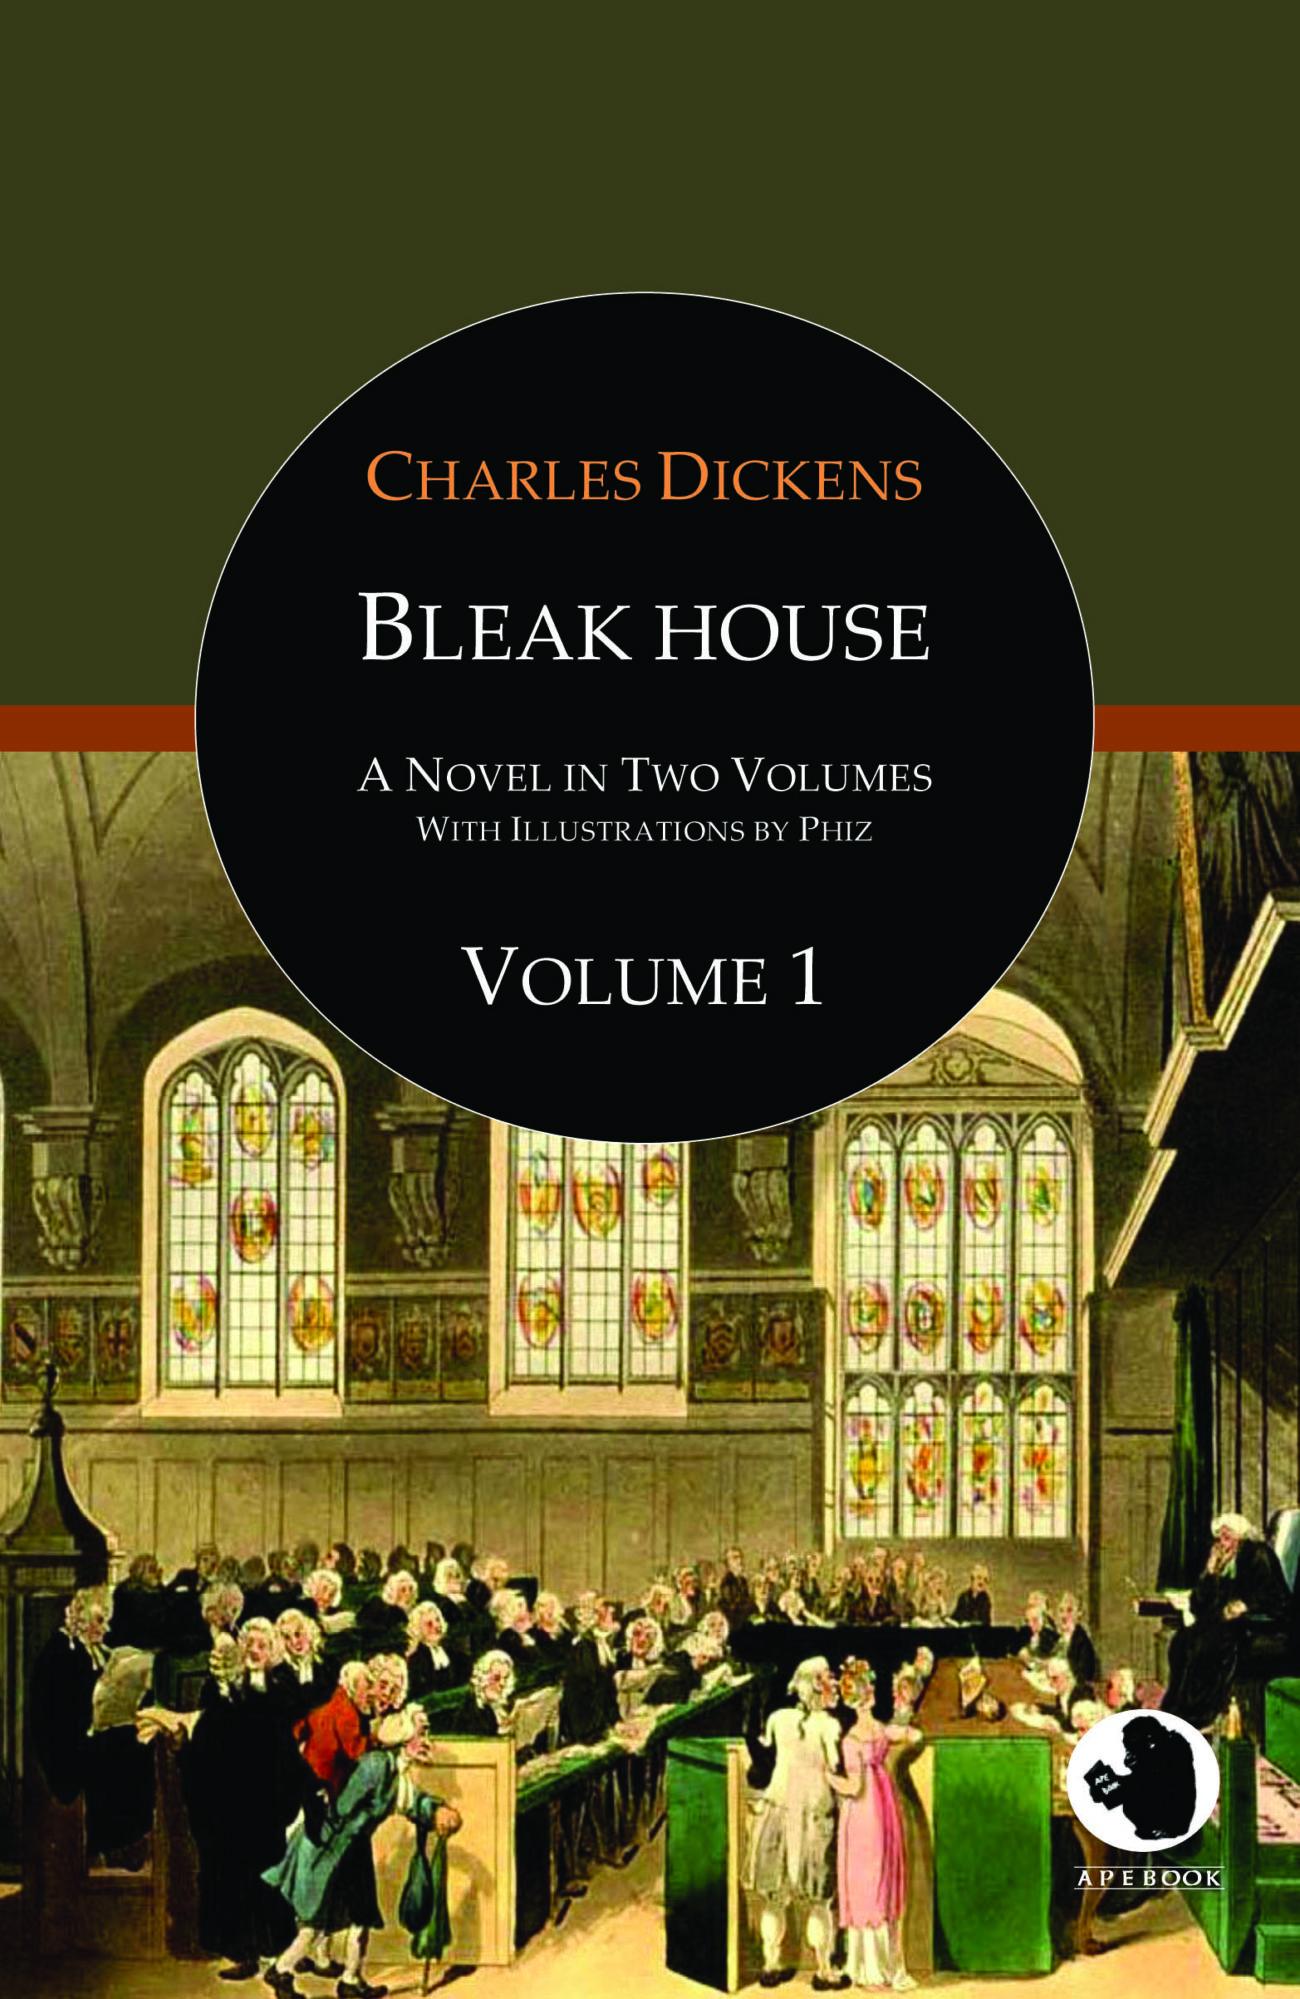 Charles Dickens: Bleak House, Vol. 1 (illustr.)